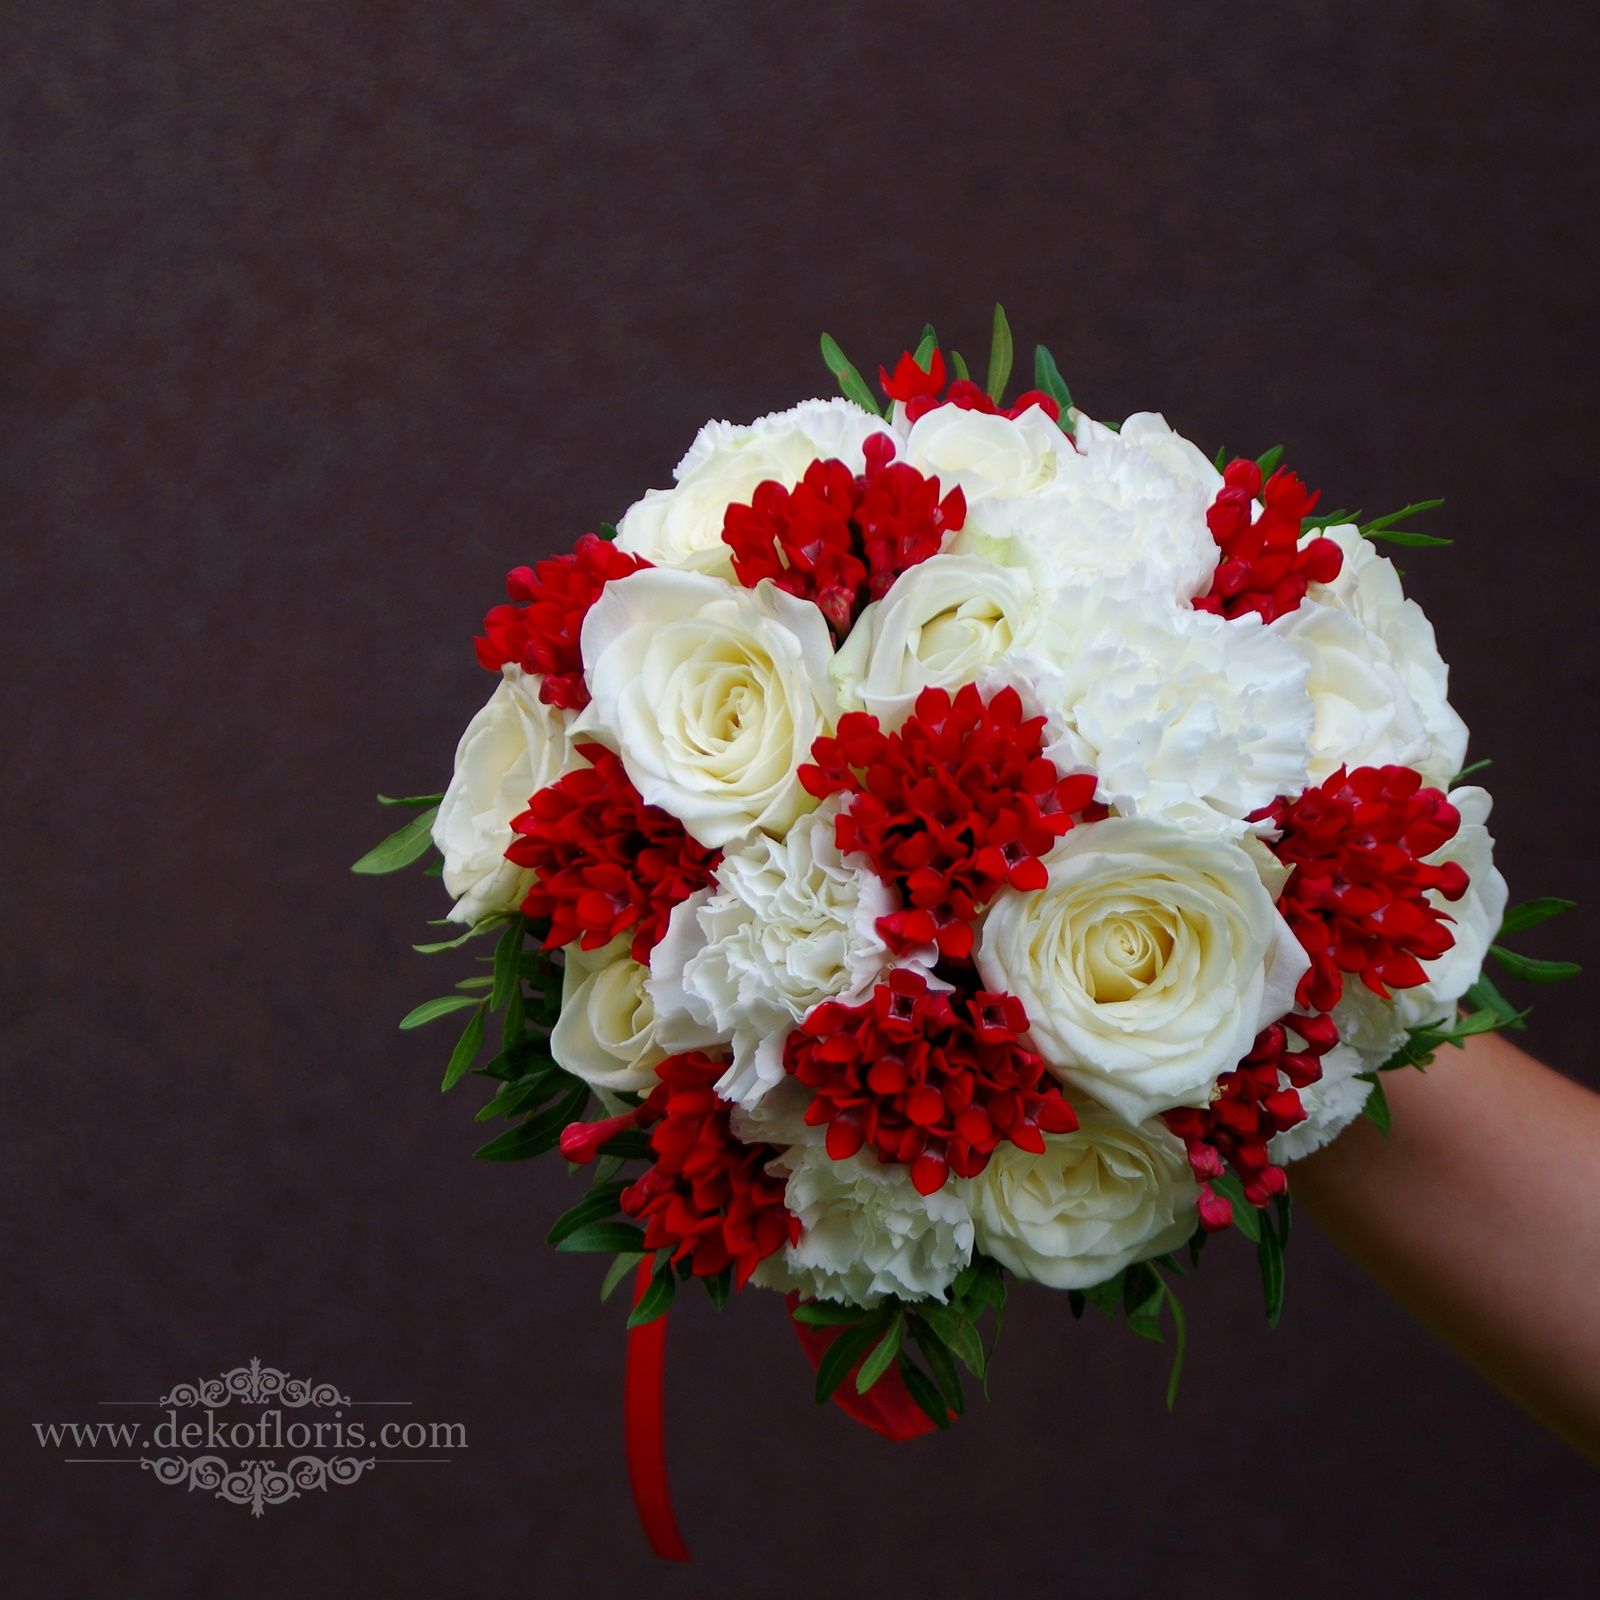 Bukiet ślubny w kolorze białym i czerwonym róże i goździki